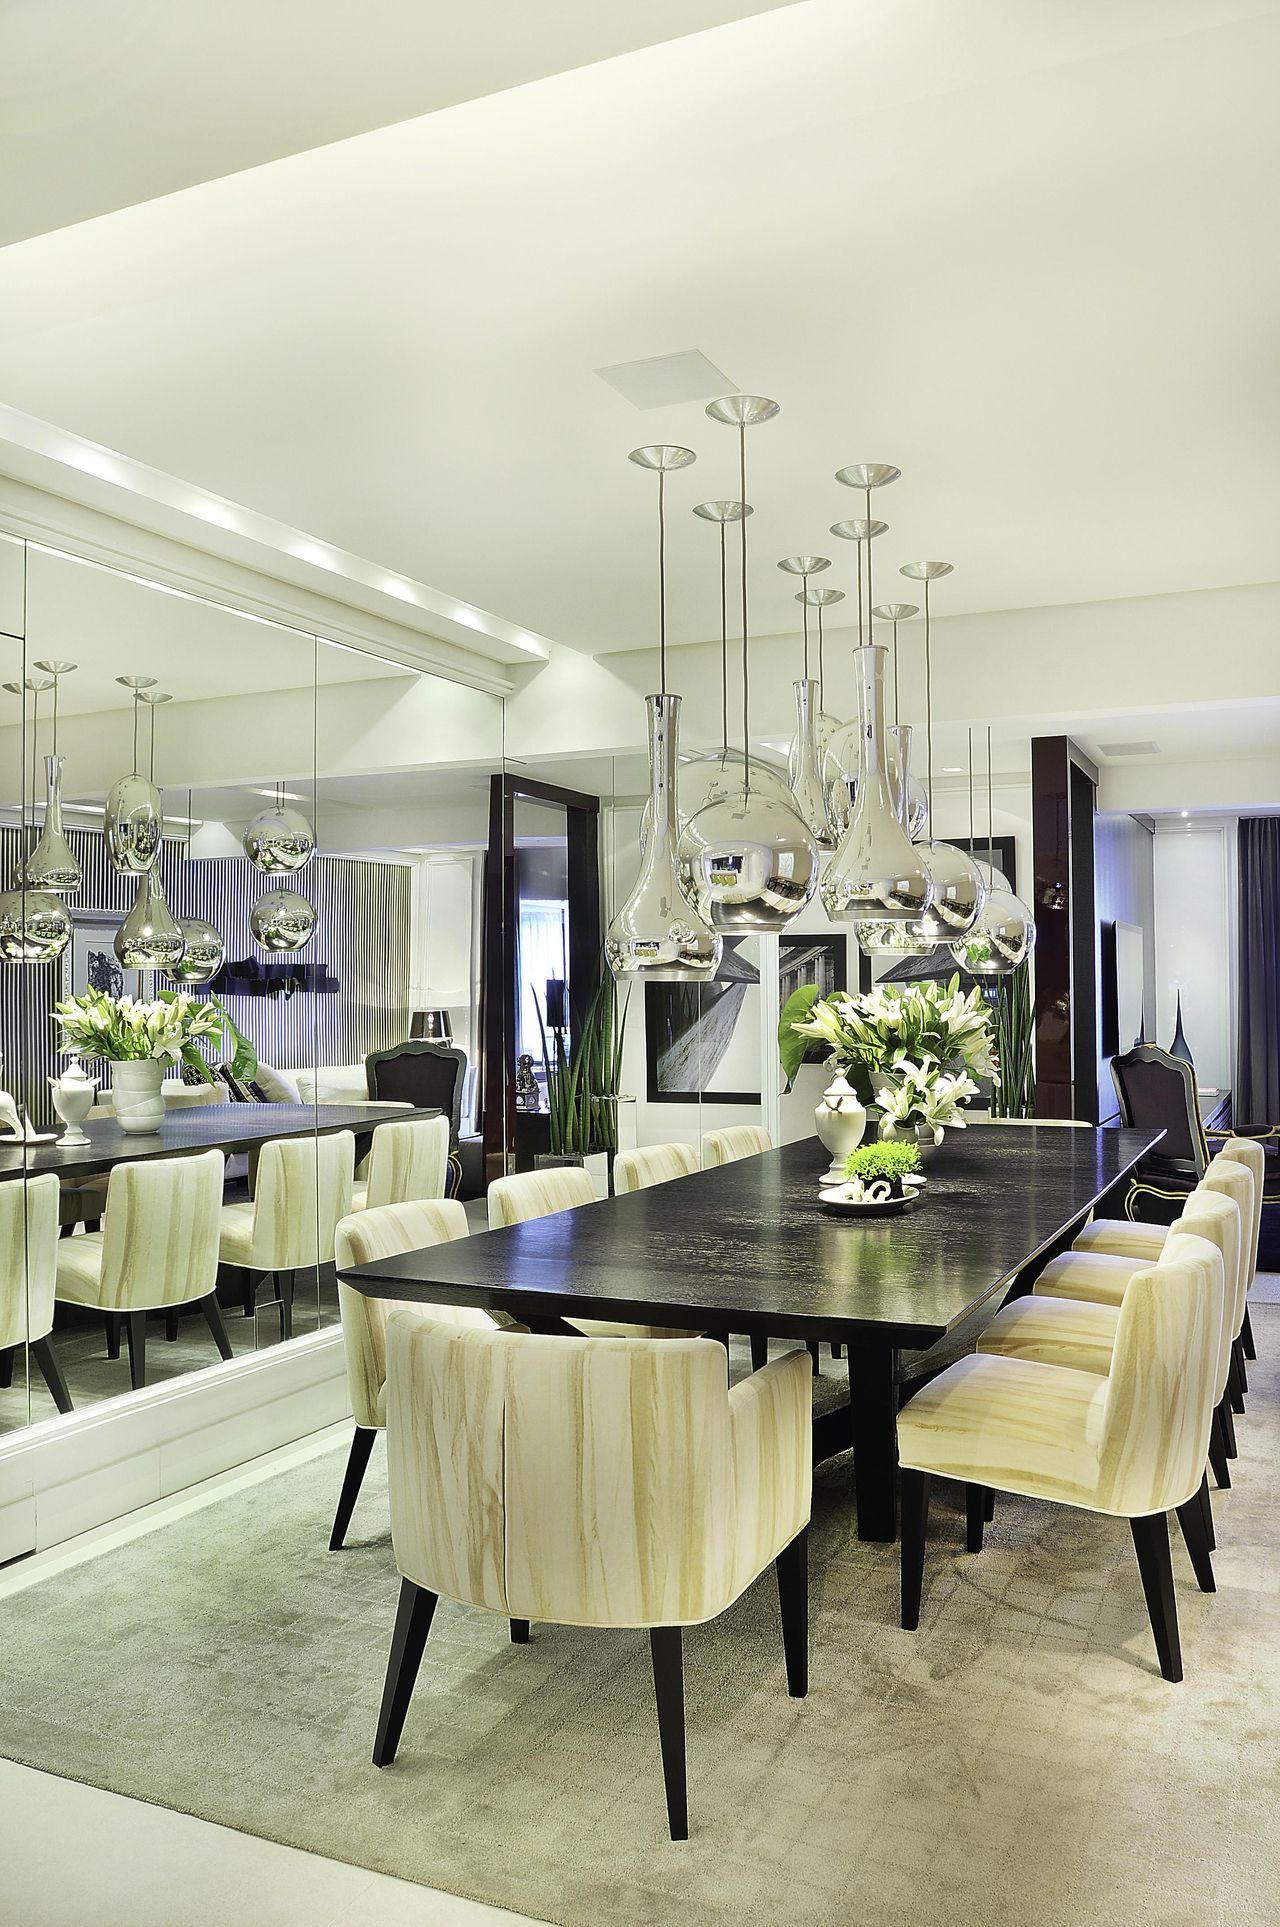 Sala De Jantar Com Espelho Na Parede A Mesa Em Vidro E As Cadeiras  -> Sala De Jantar Com Espelho Na Parede